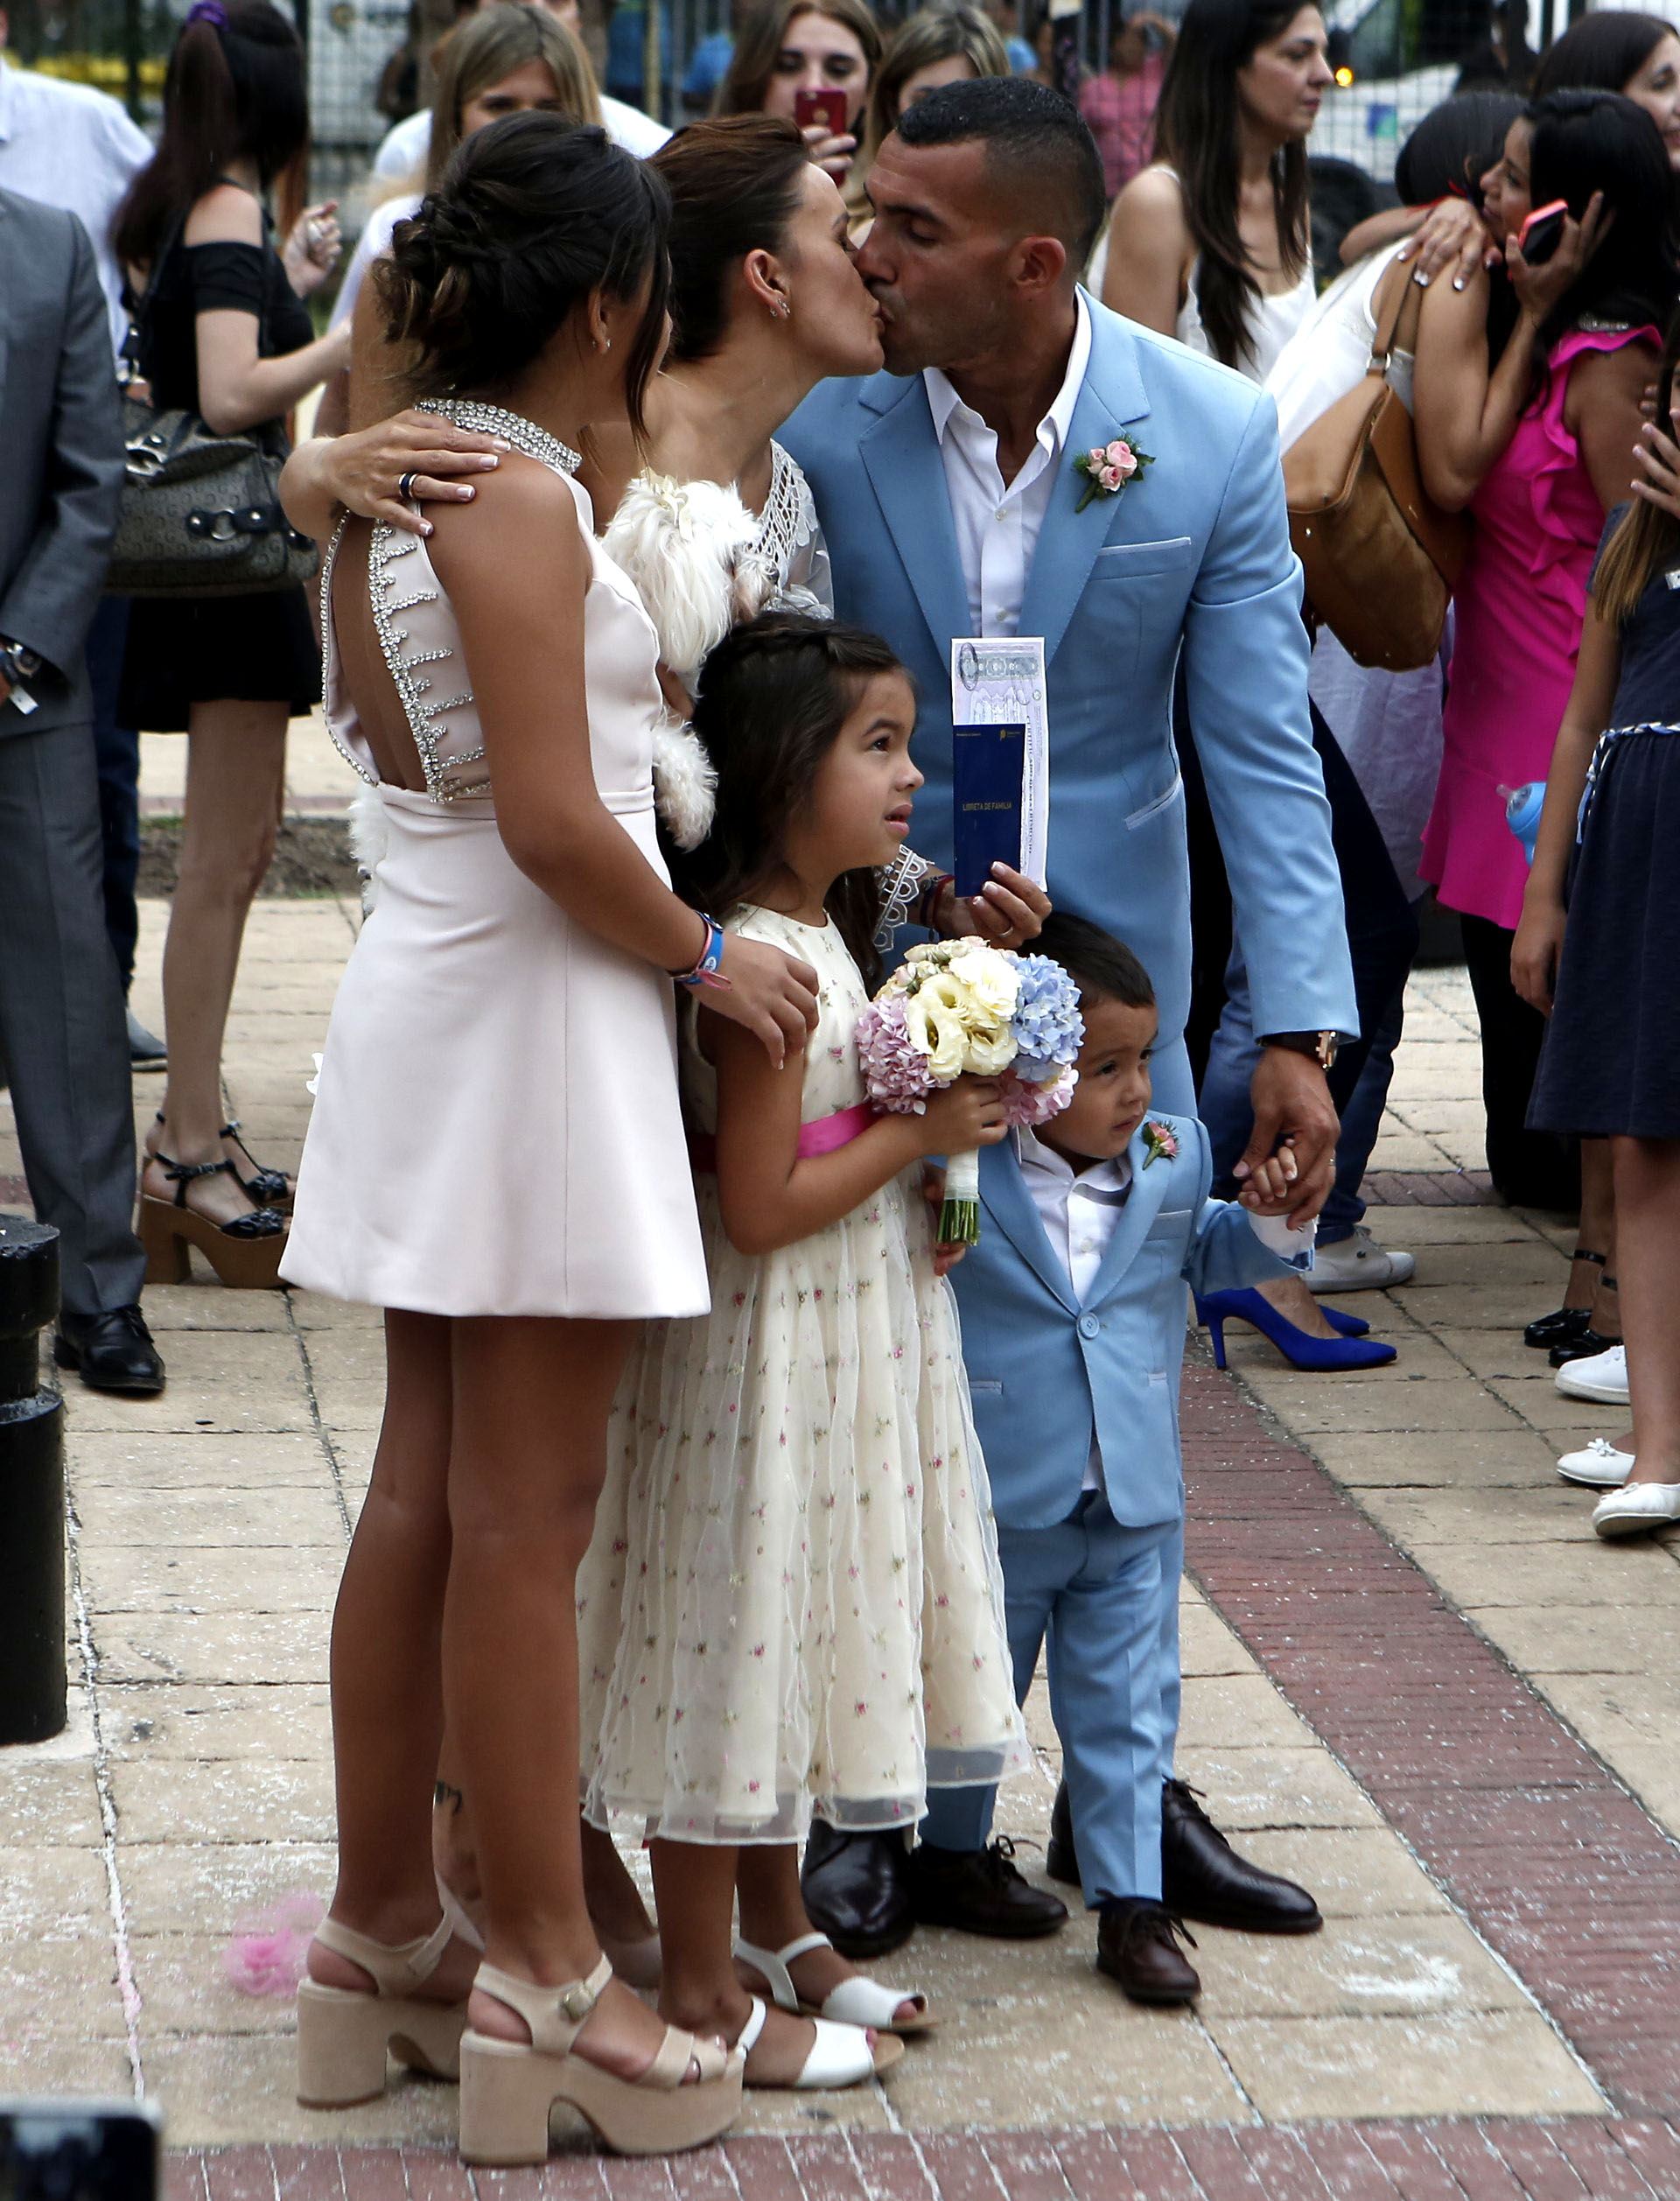 El beso apasionado de los recién casados